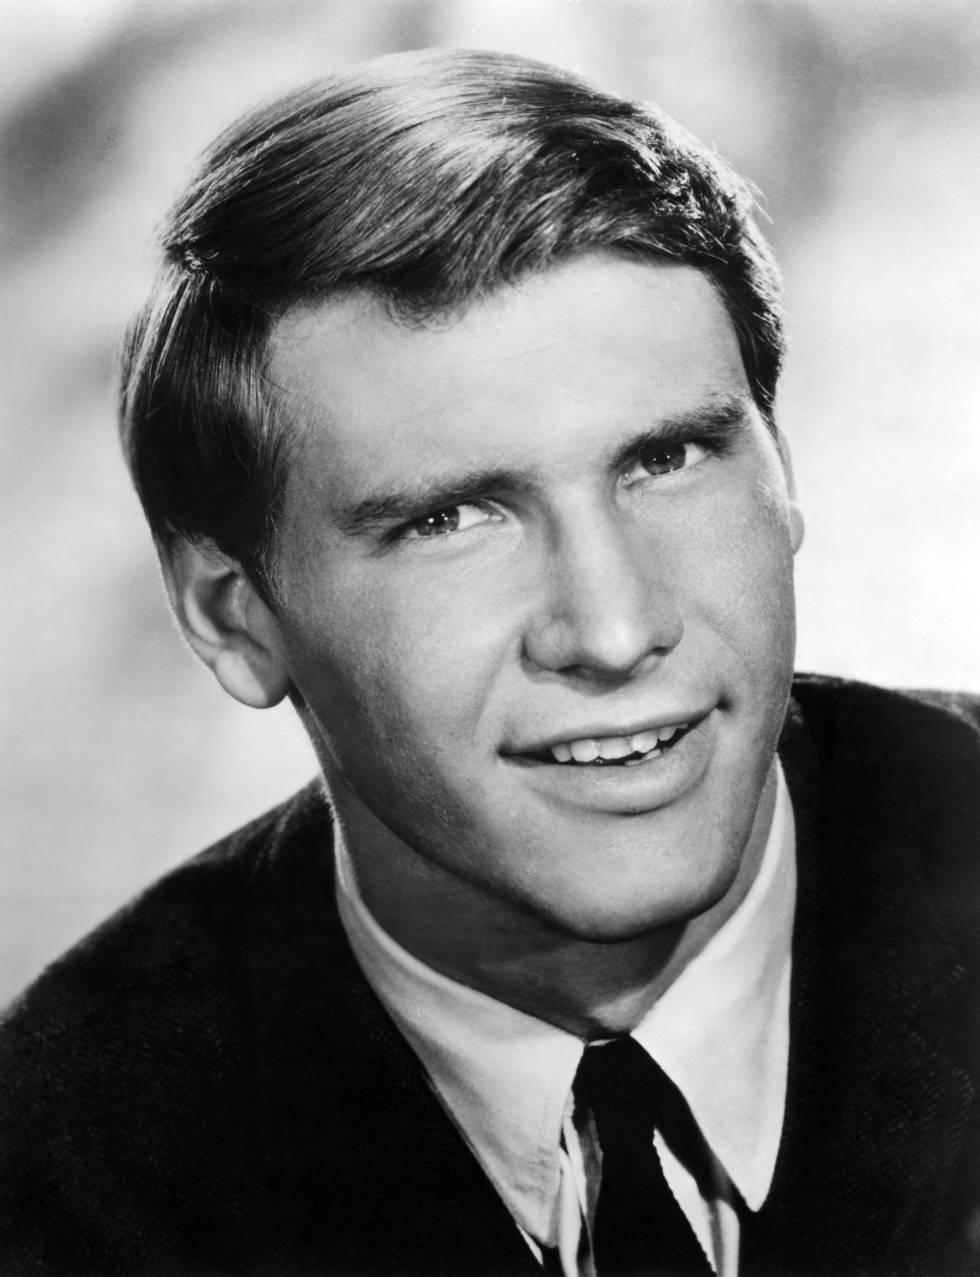 Foto de estudio de Harrison Ford en la década de los sesenta, cuando era un joven actor contratado para hacer pequeños papeles (a veces sin frase).